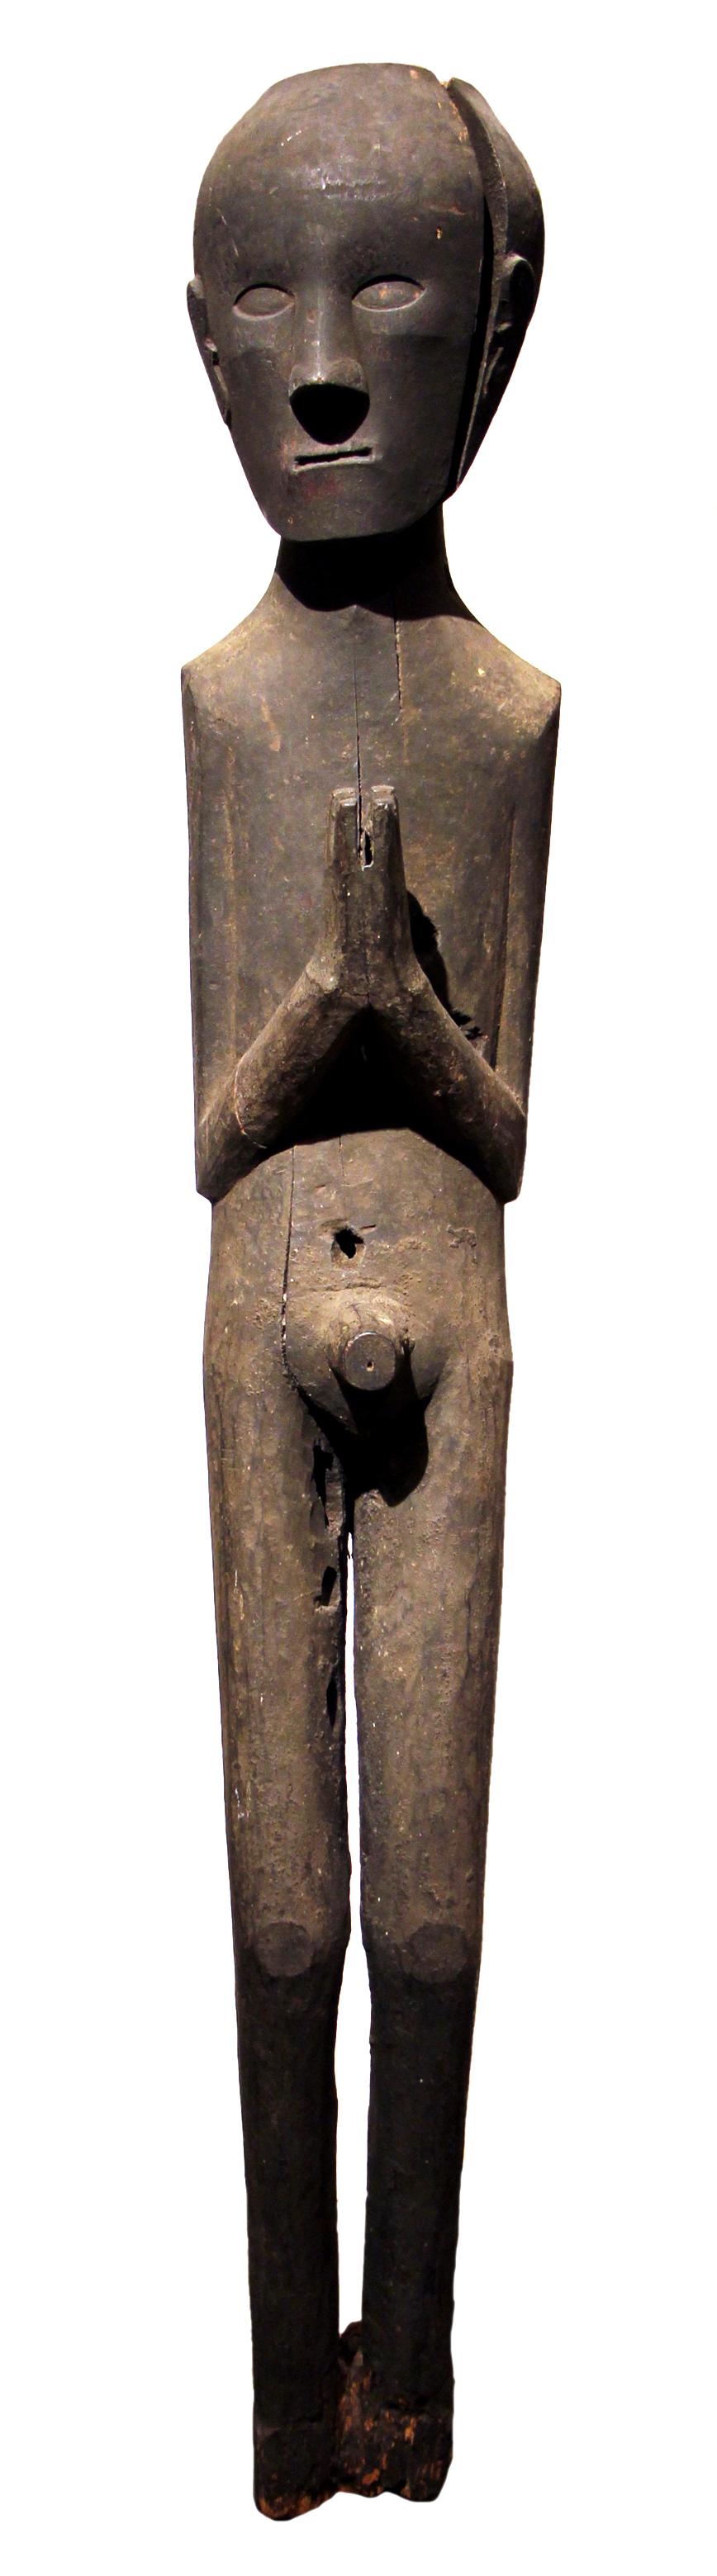 Male Protective Figure |  Pangulubalang  © Musée du Quai-Branly | France